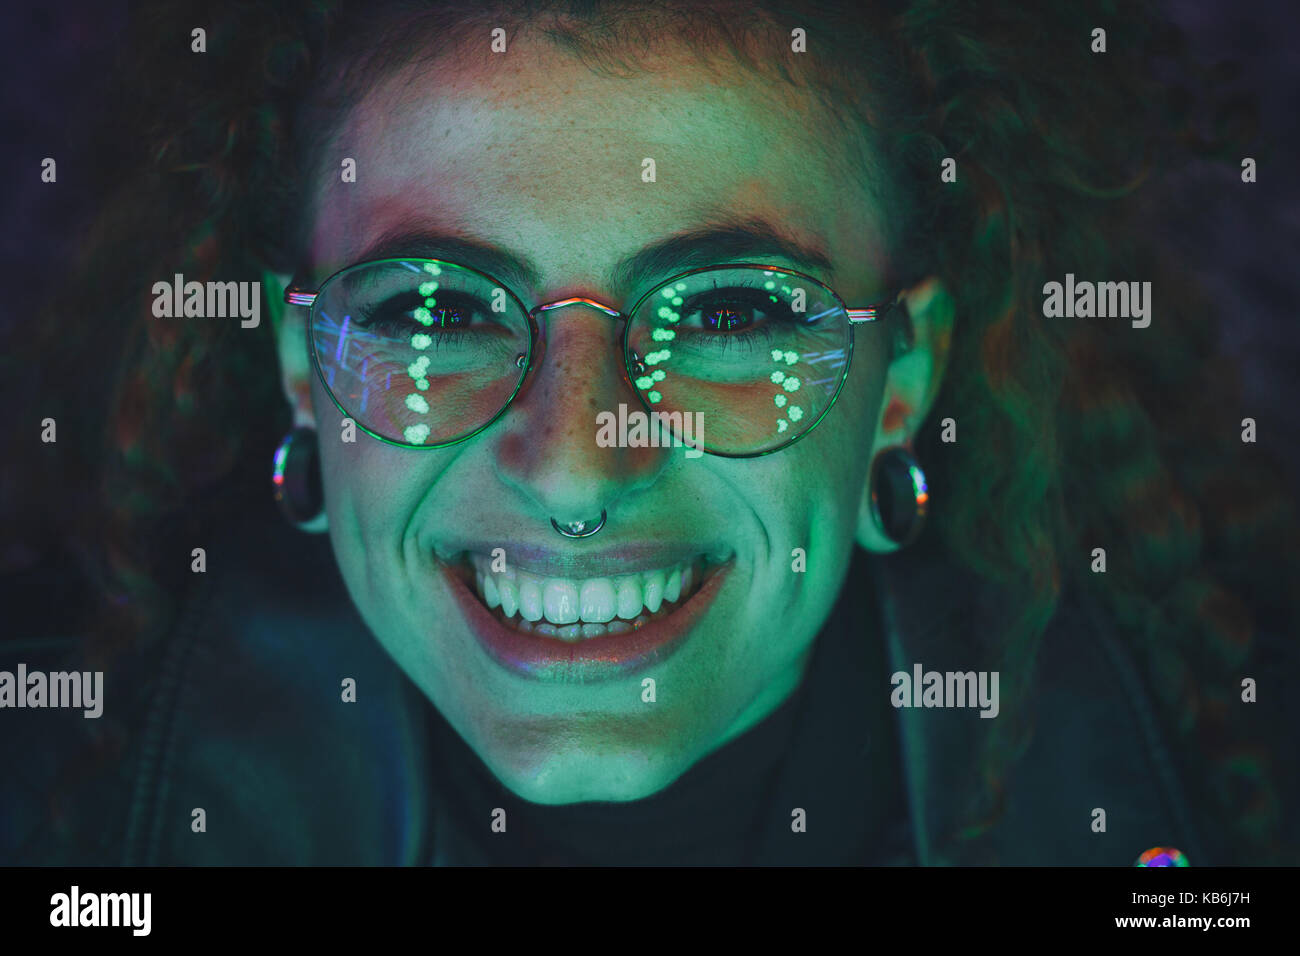 Retrato de una mujer joven por la noche, iluminado con luces de colores Imagen De Stock